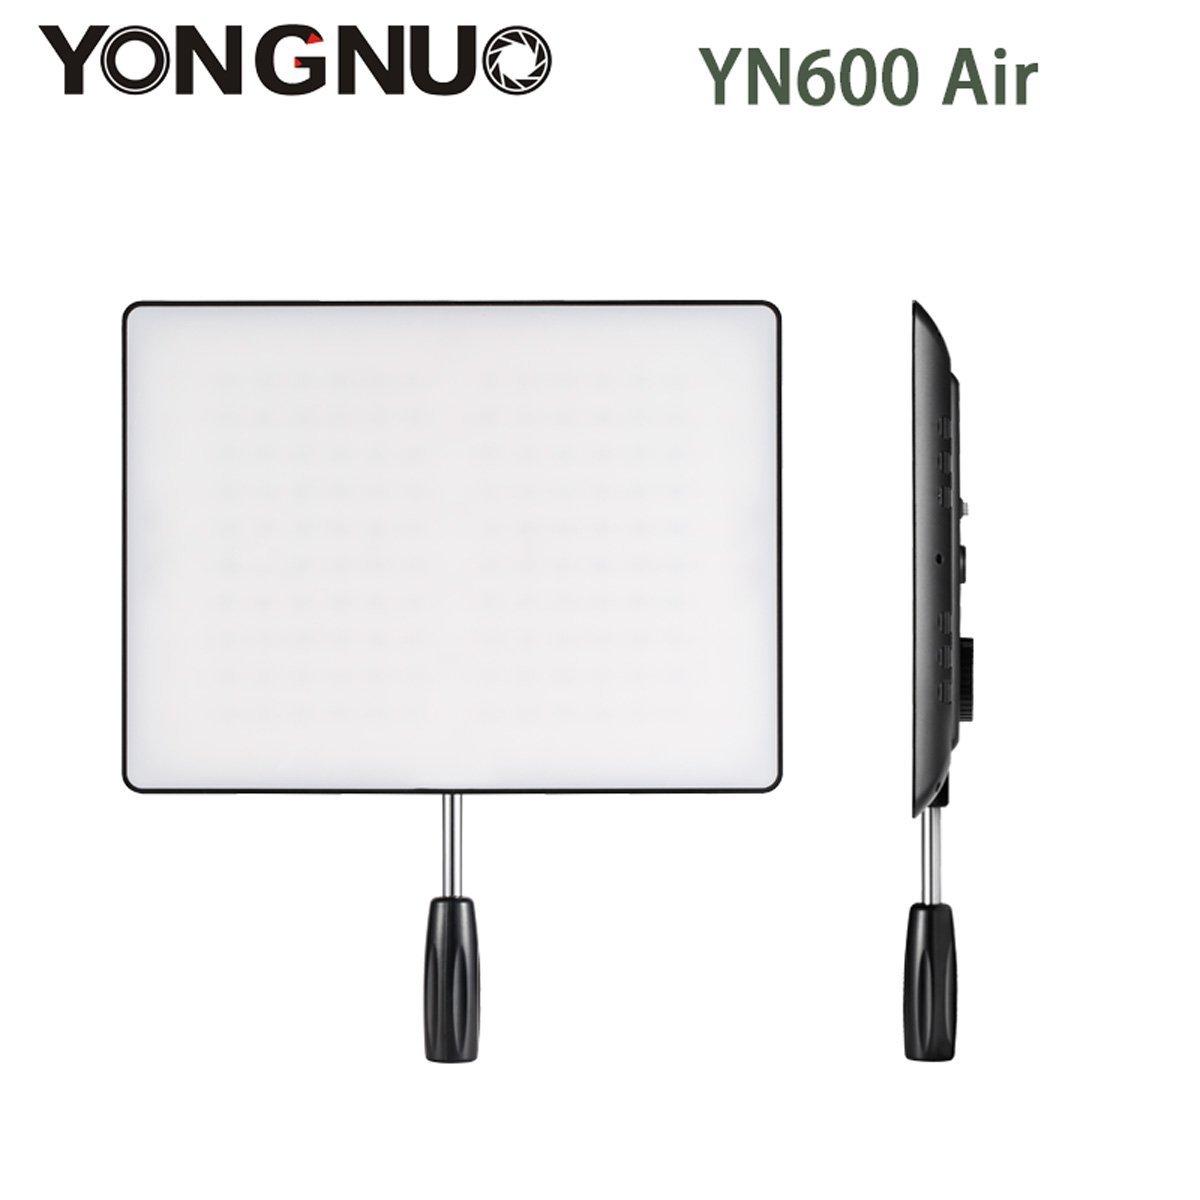 YONGNUO YN600 Air Ultra mince caméra LED lumière vidéo 3200 K-5500 K pour Canon Nikon Pentax Olympas Samsung DSLR & caméscope